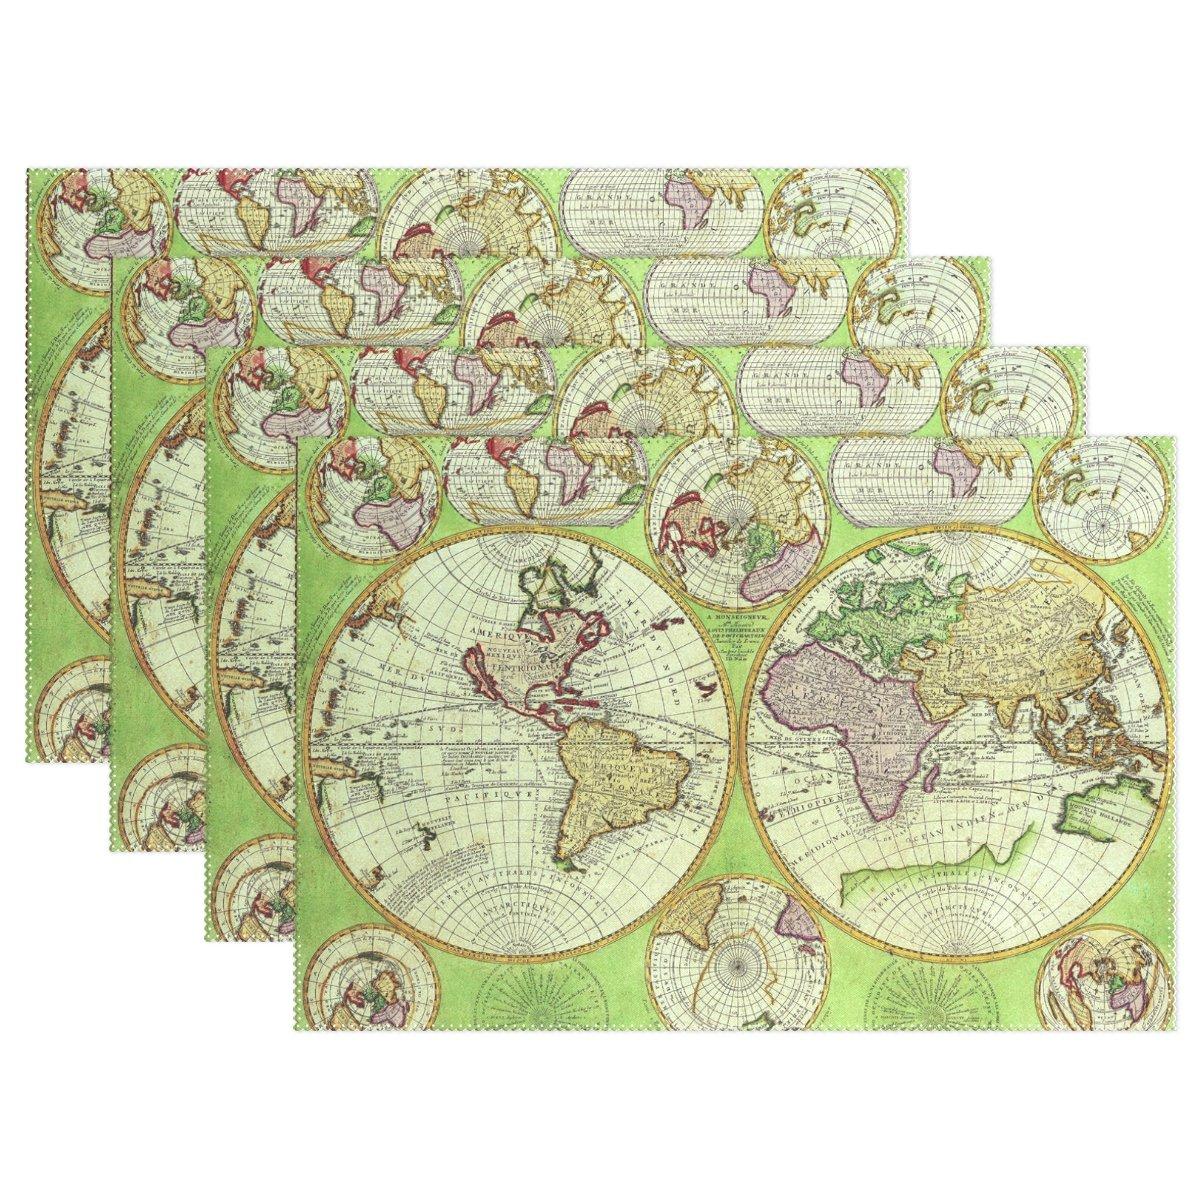 ヴィンテージOld World Mapプレースマットテーブルマット、12